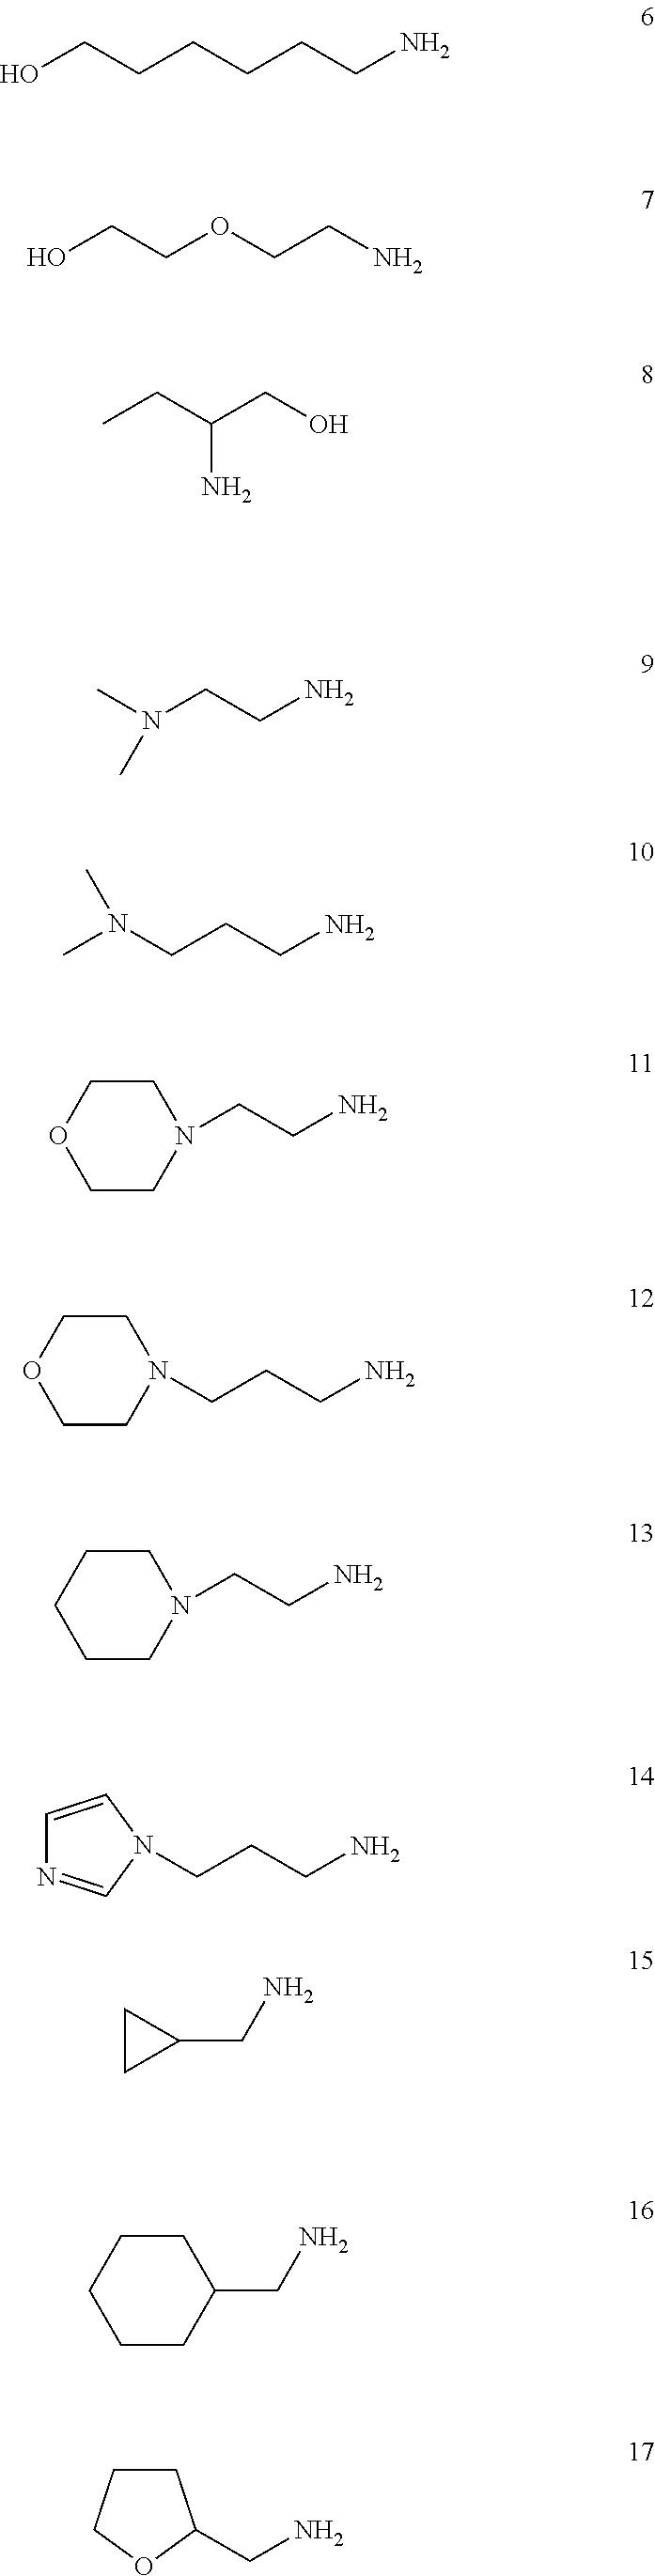 Figure US09700627-20170711-C00019